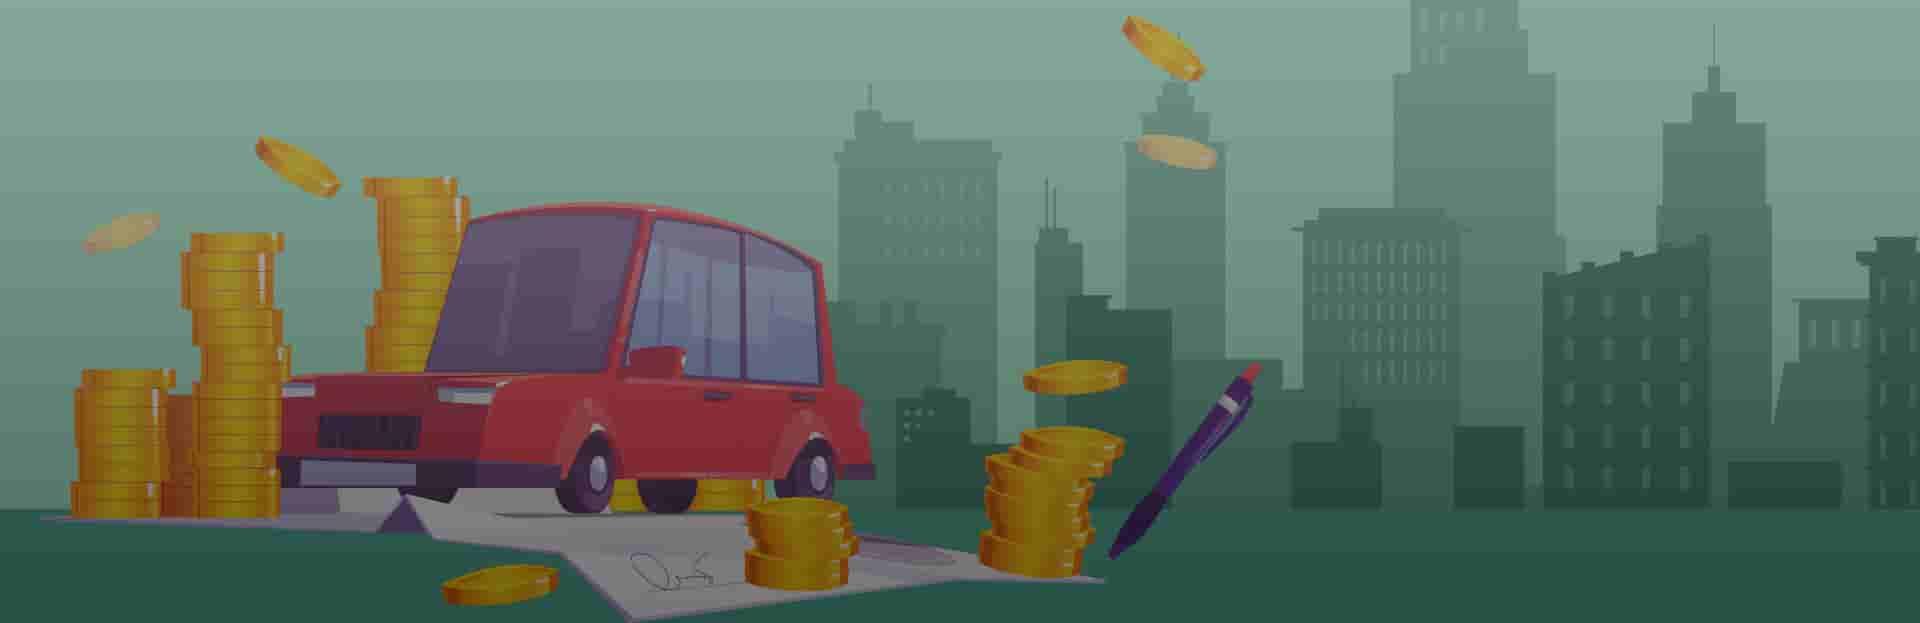 Licenciamento final 3, Ilustração de carro e placa